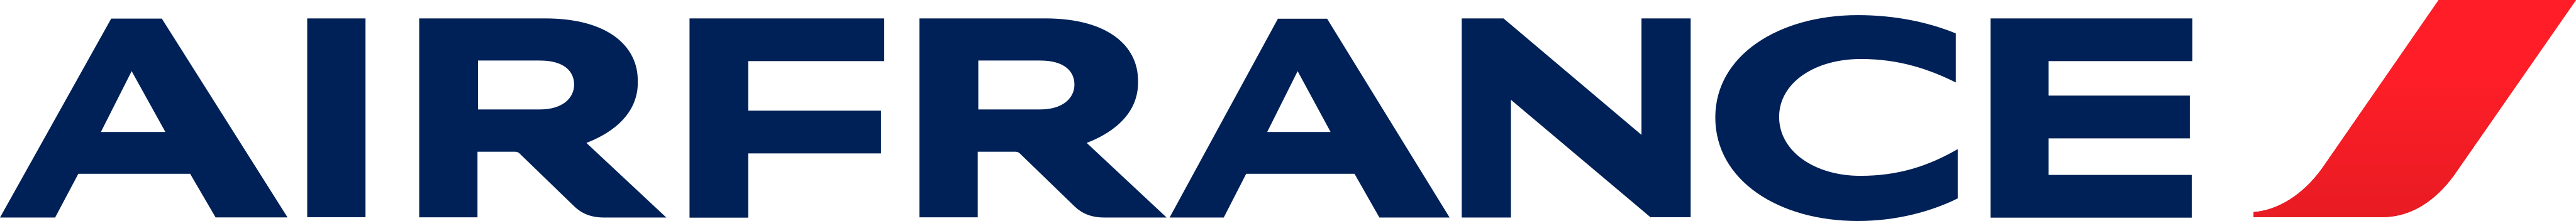 air france logo - Air France Logo